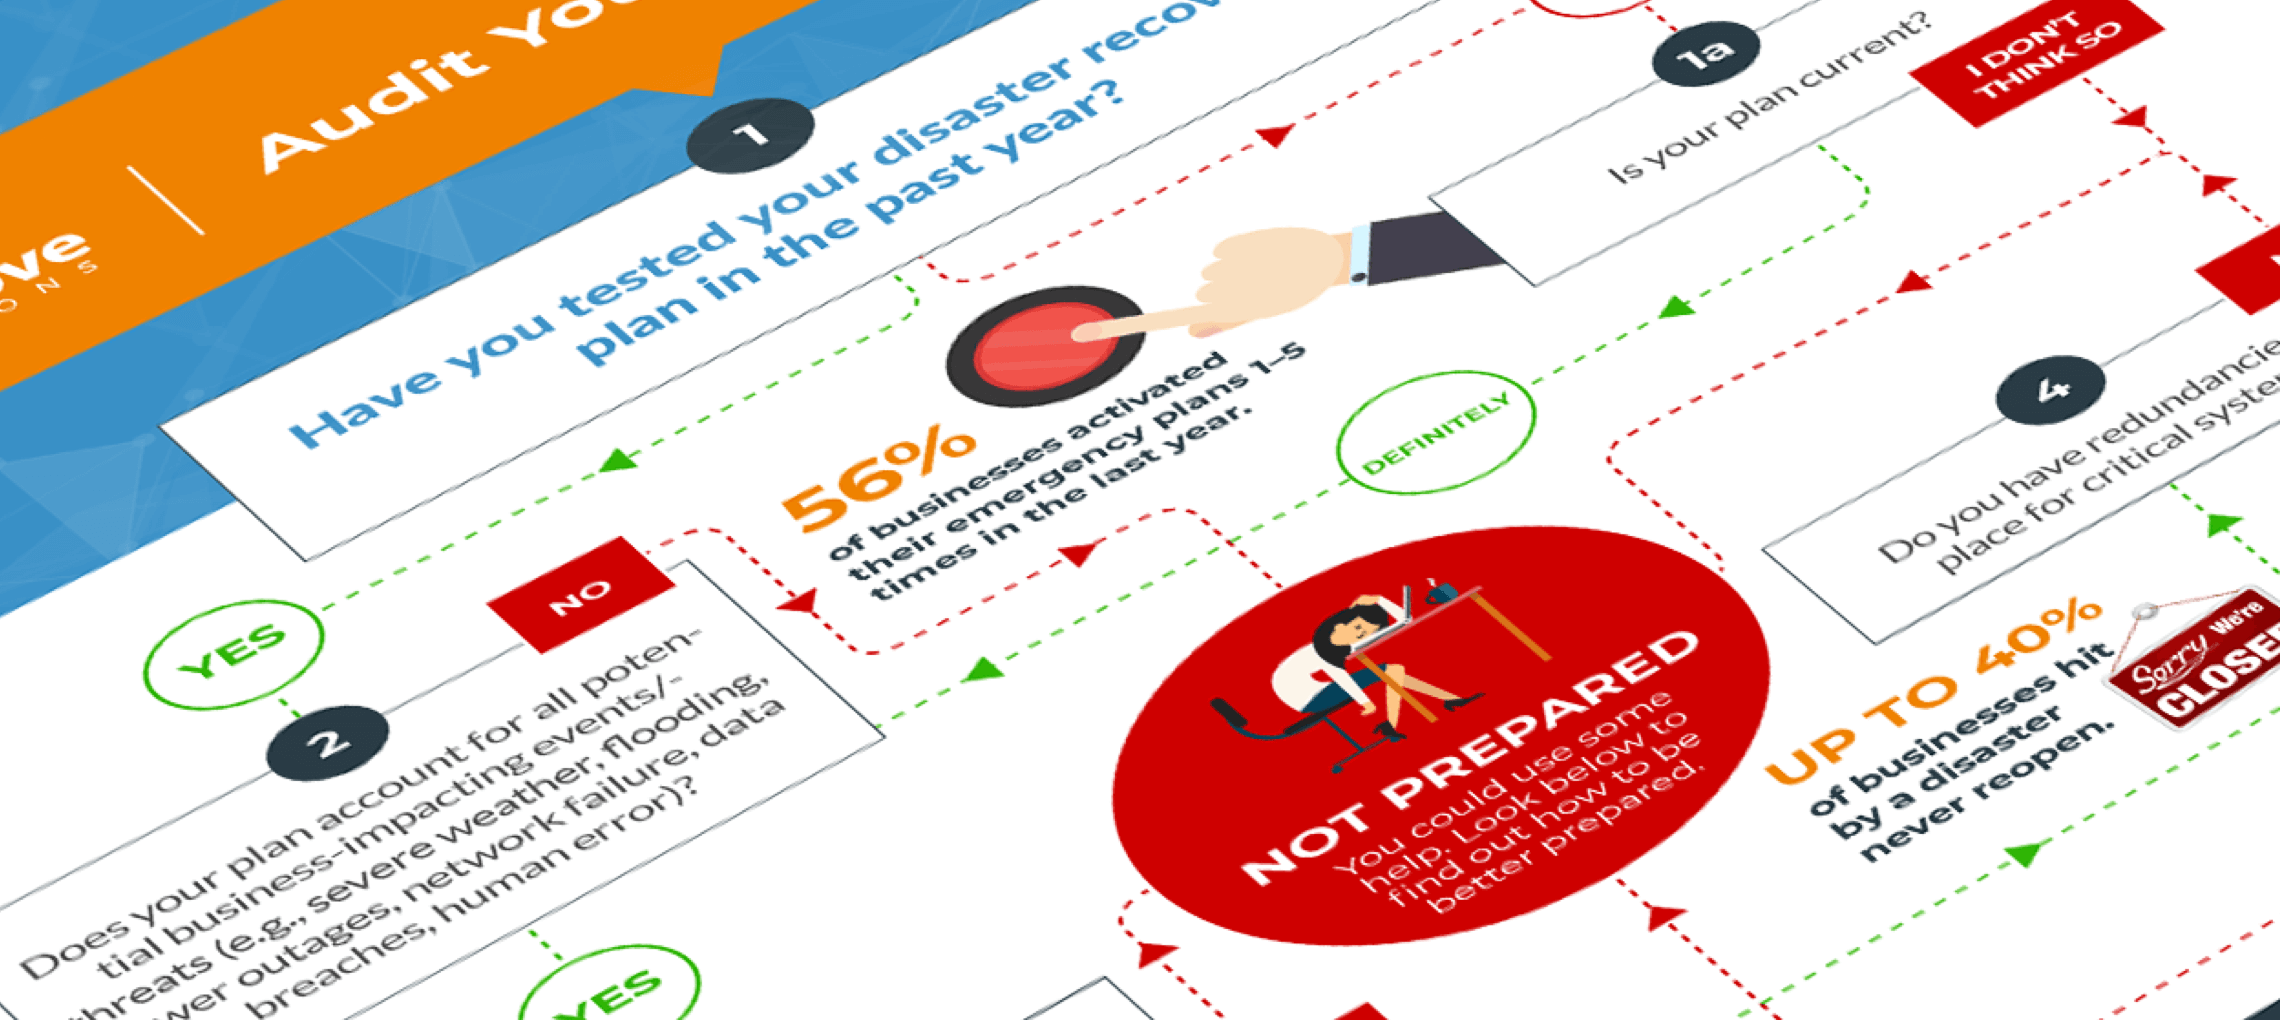 infographic ux